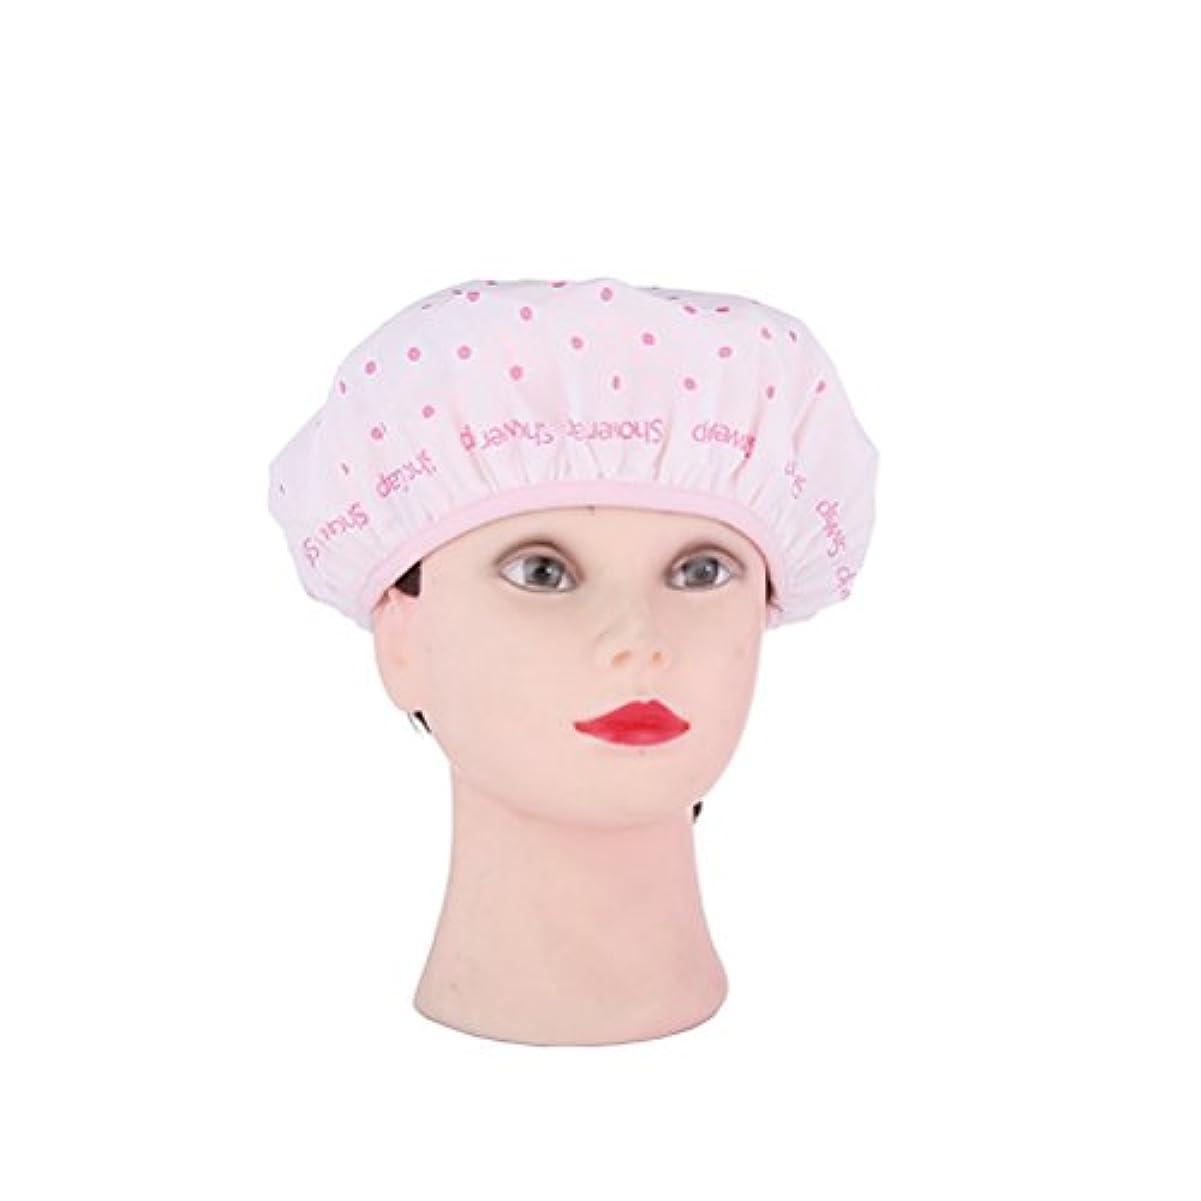 ダイヤル影高度HEALLILY シャワーの帽子女性の子供のための防水シャワーの帽子のBathのシャワーの毛の帽子